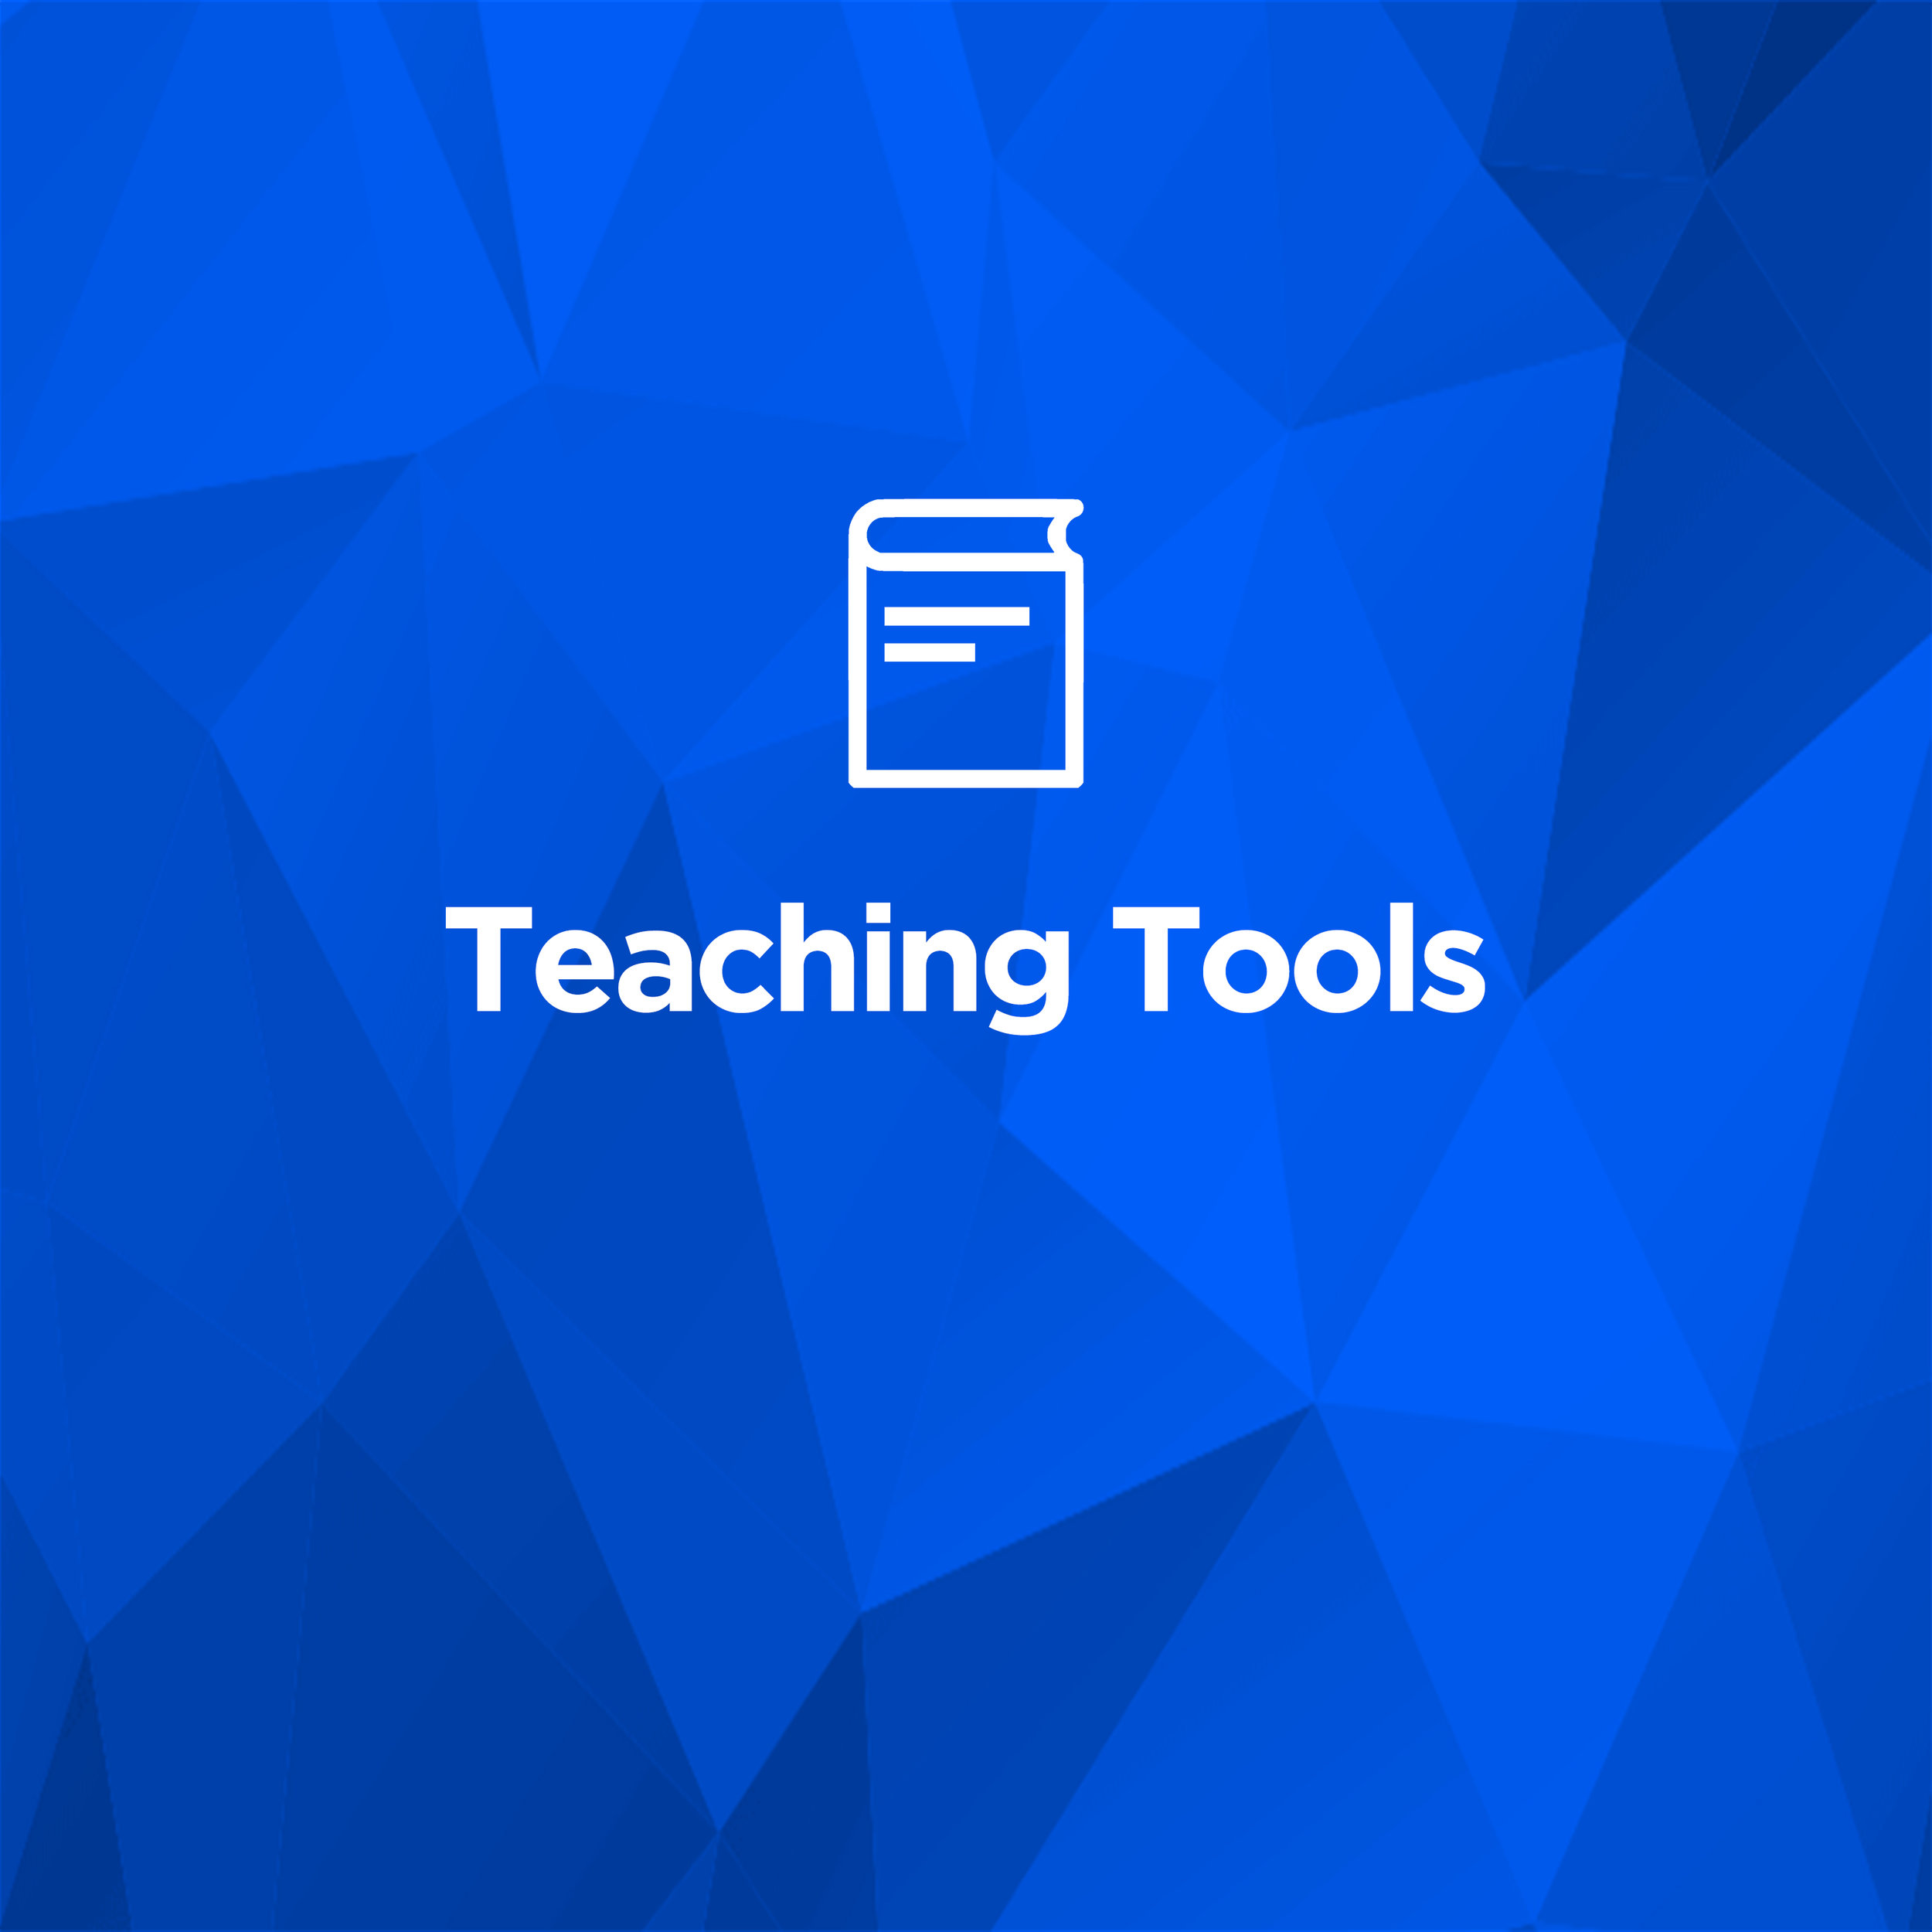 teachingtools.jpg